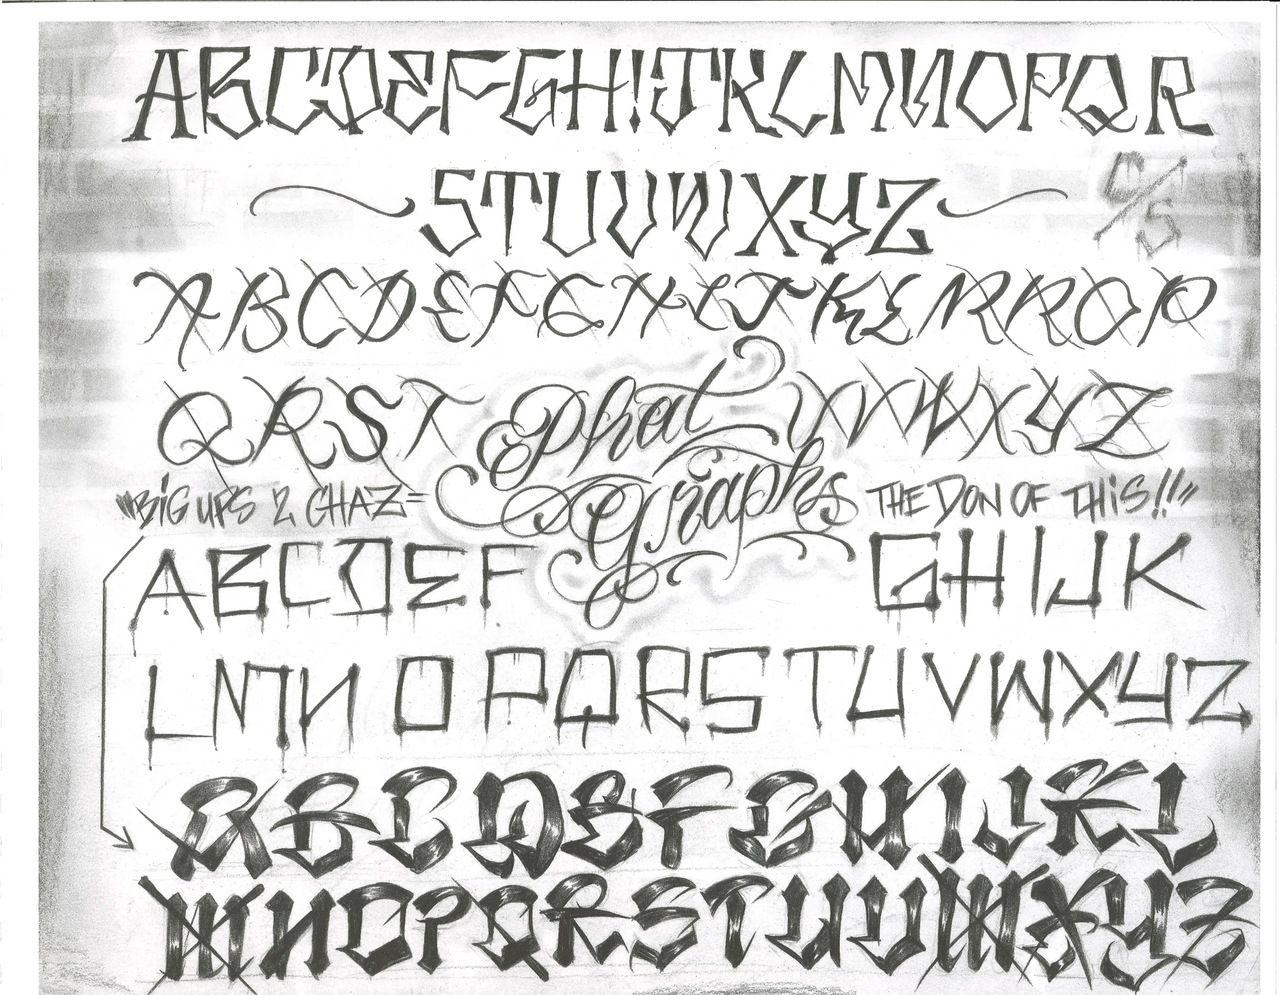 ABECEDARIO Letras para tatuajes, Diseños de letras